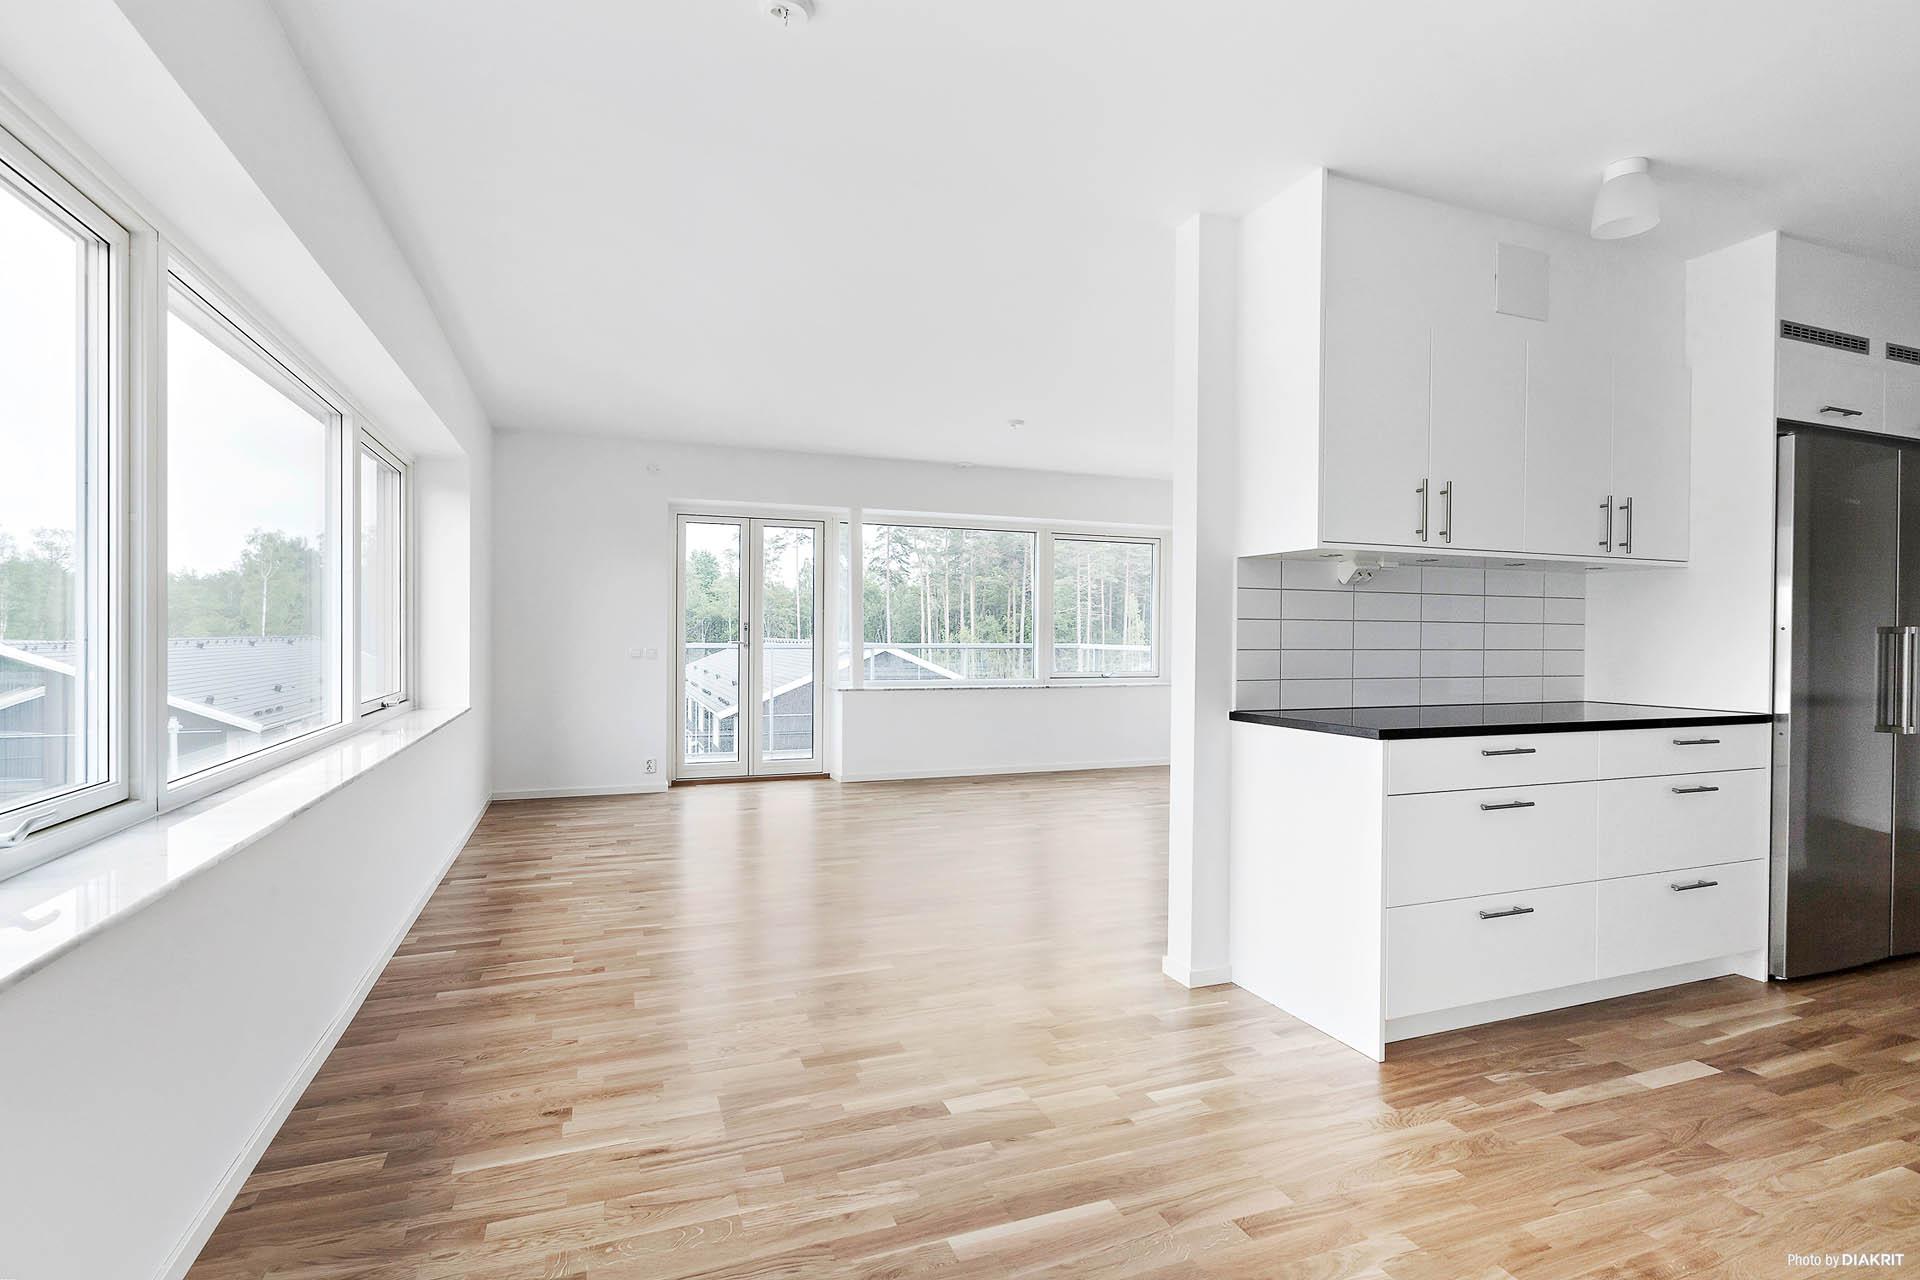 Vardagsrum/kök med stora fönsterpartier